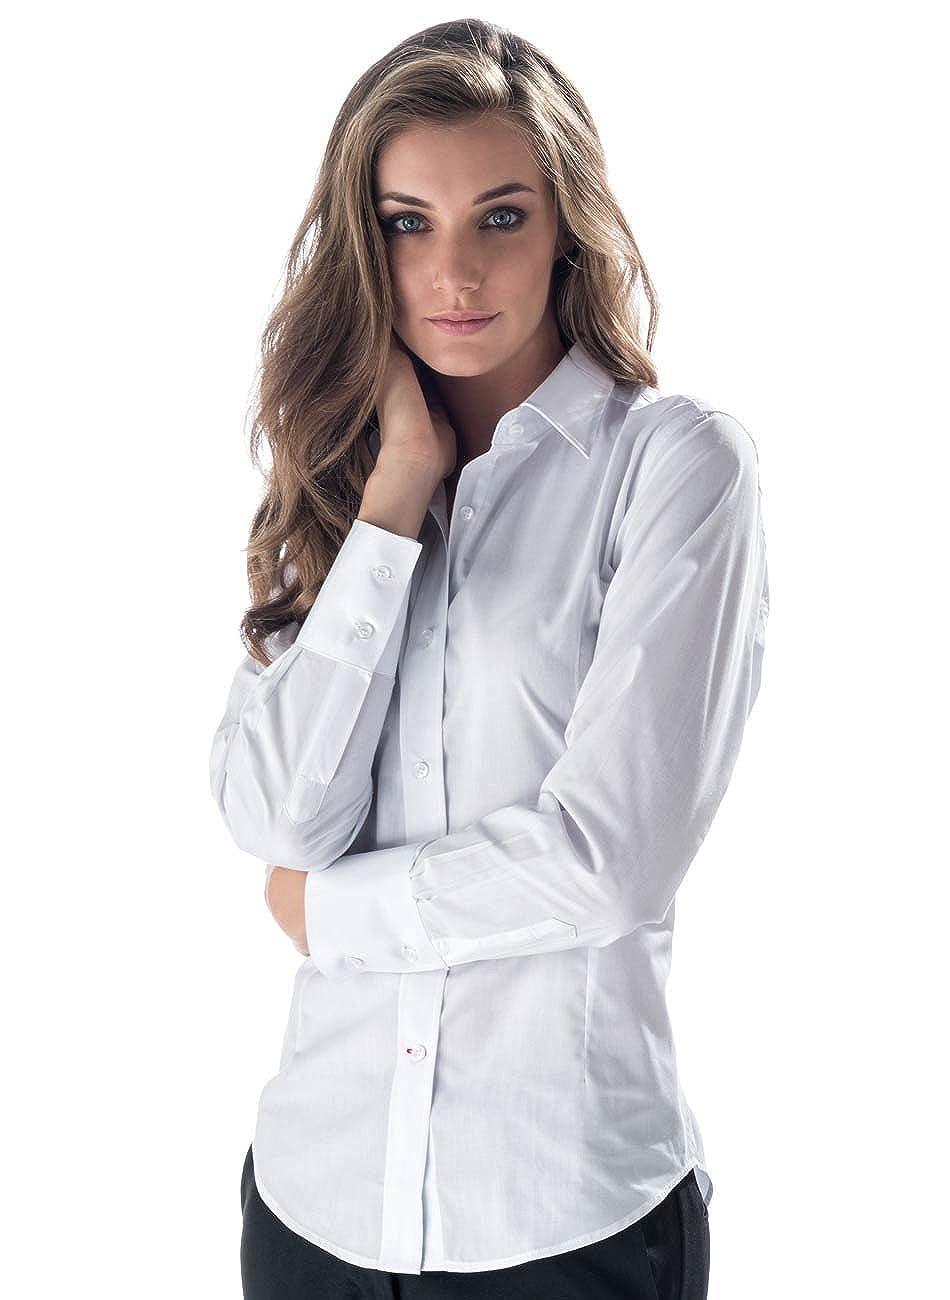 Comodo Taschino sul Cuore e Colletto in Tessuto Rigido Marca Italiana Camicia Bianca da Donna da Sala Bar Ideale per Bariste e Cameriere